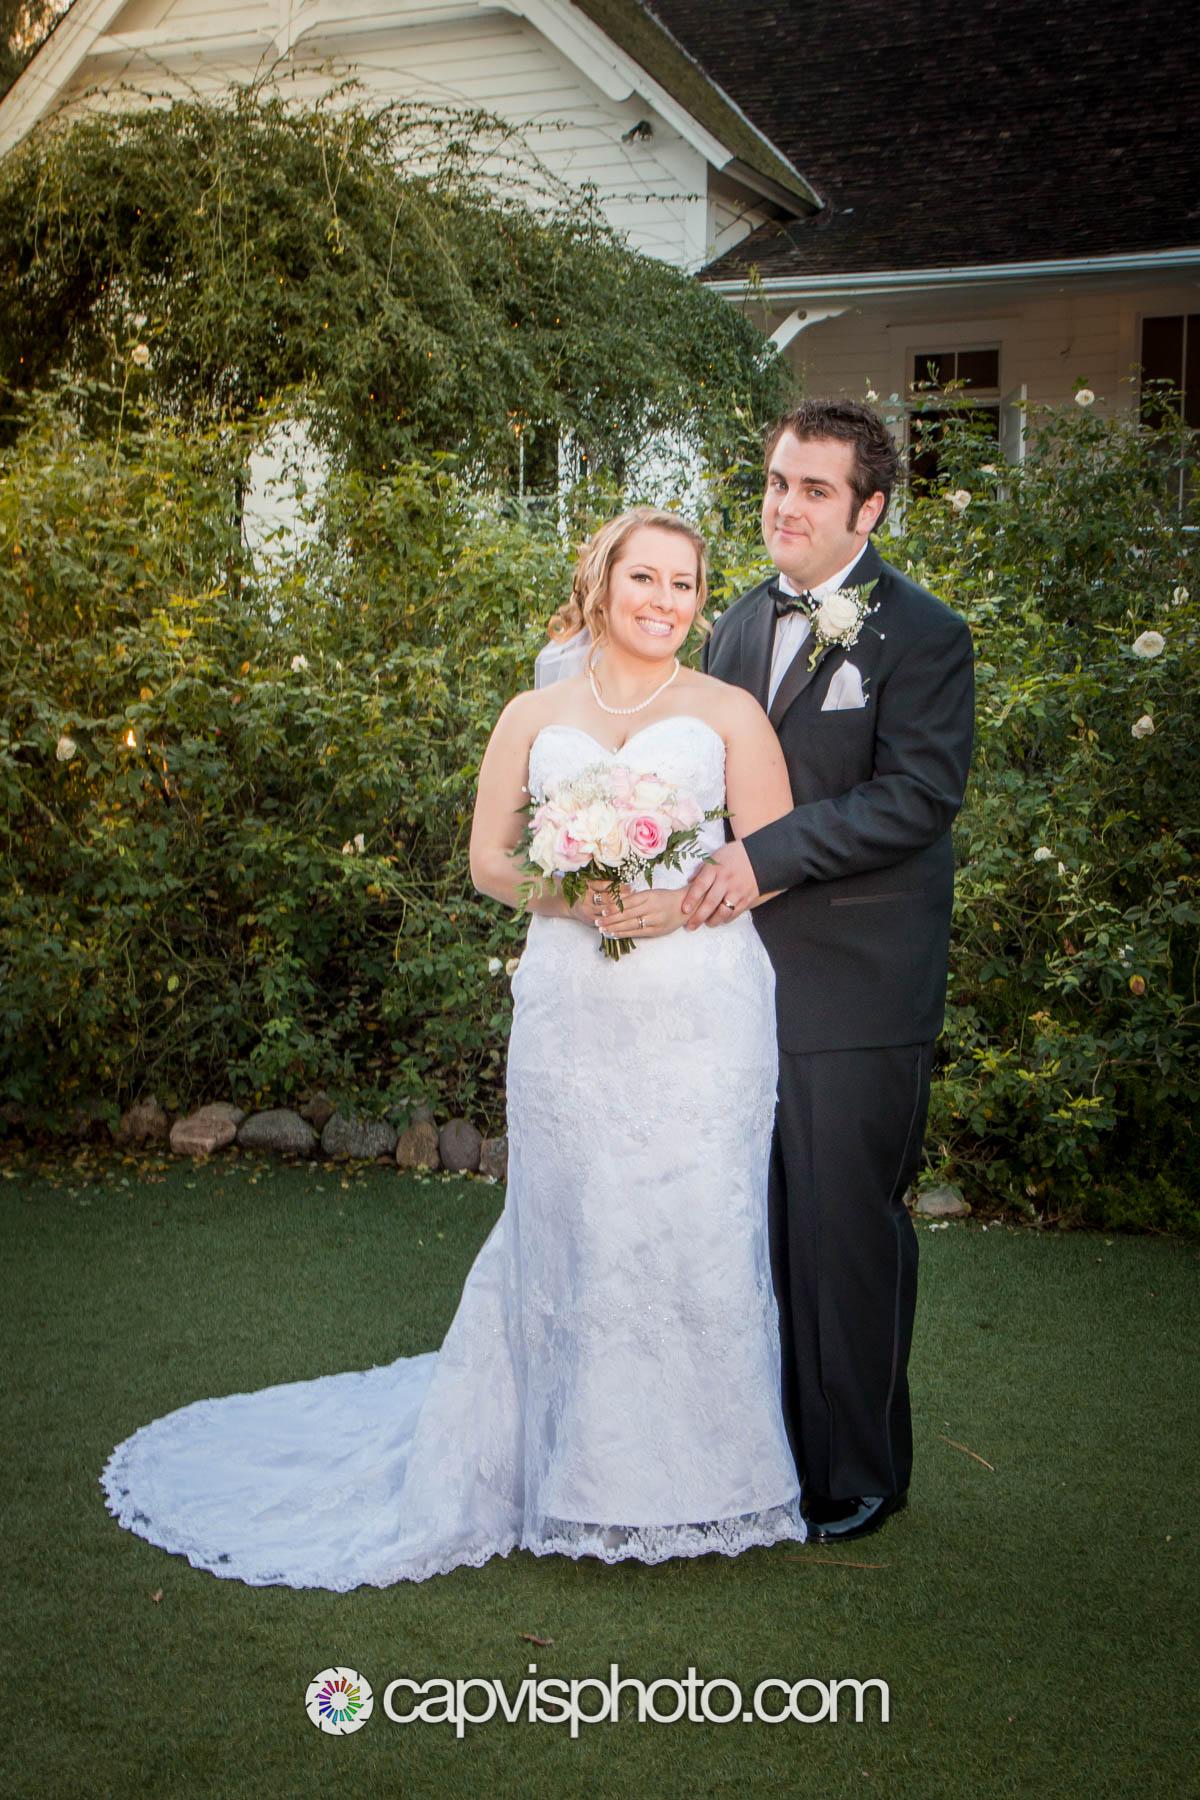 Grangruth Wedding (25 of 52).jpg